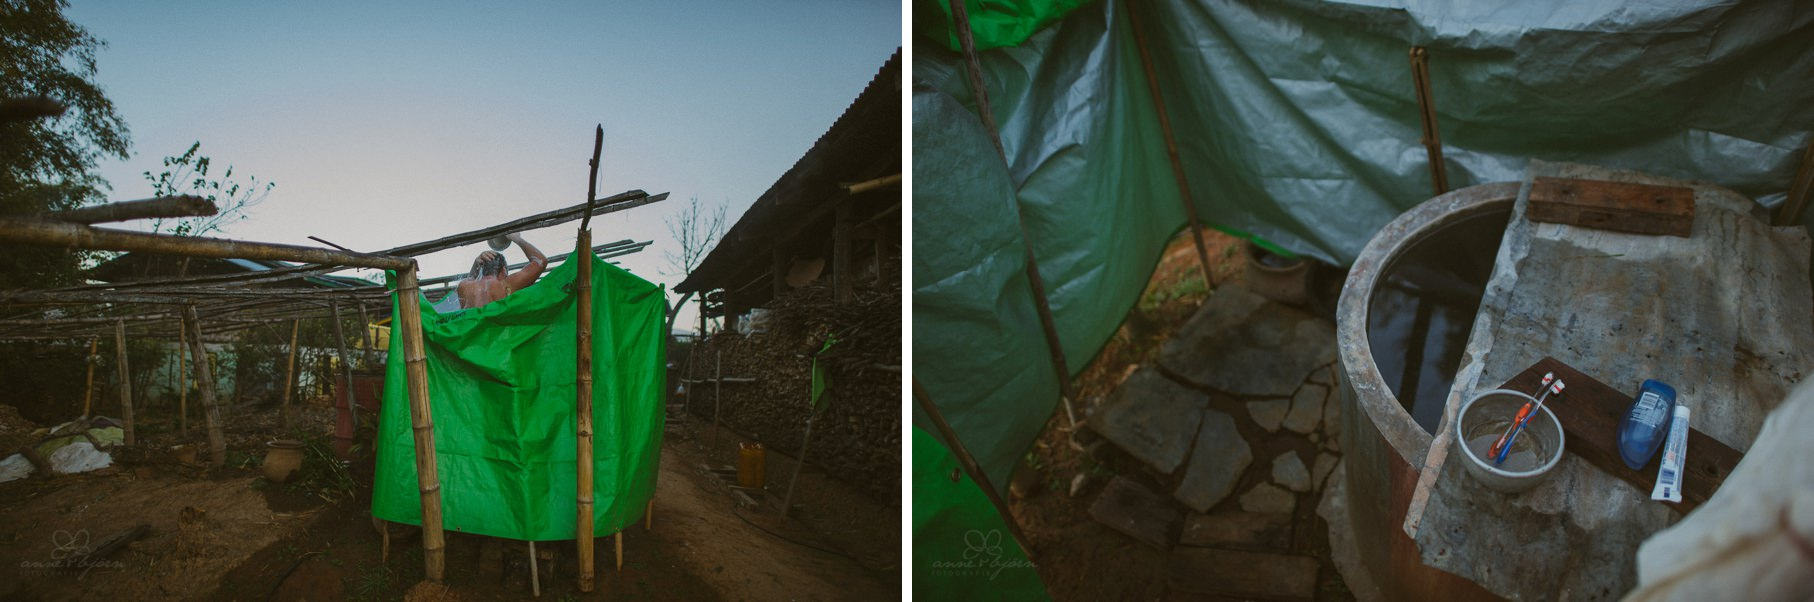 0026 inle lake trekking d76 5651 - Trekking von Kalaw zum Inle-See - Myanmar / Burma